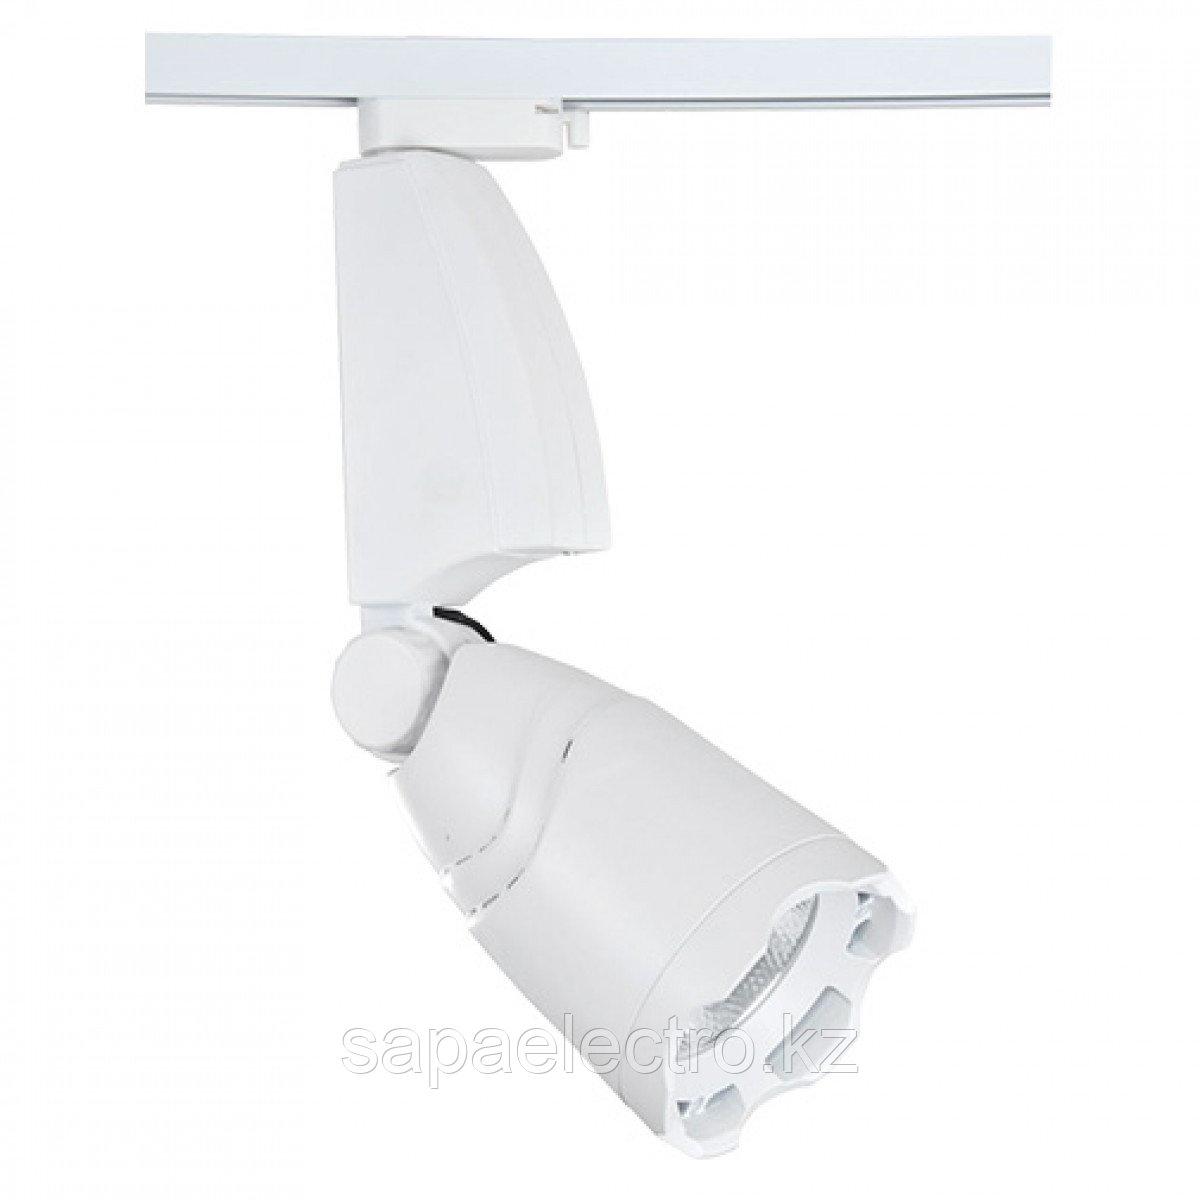 Св-к. LED LS-DK901 40W 5700K WHITE (TS) 6шт